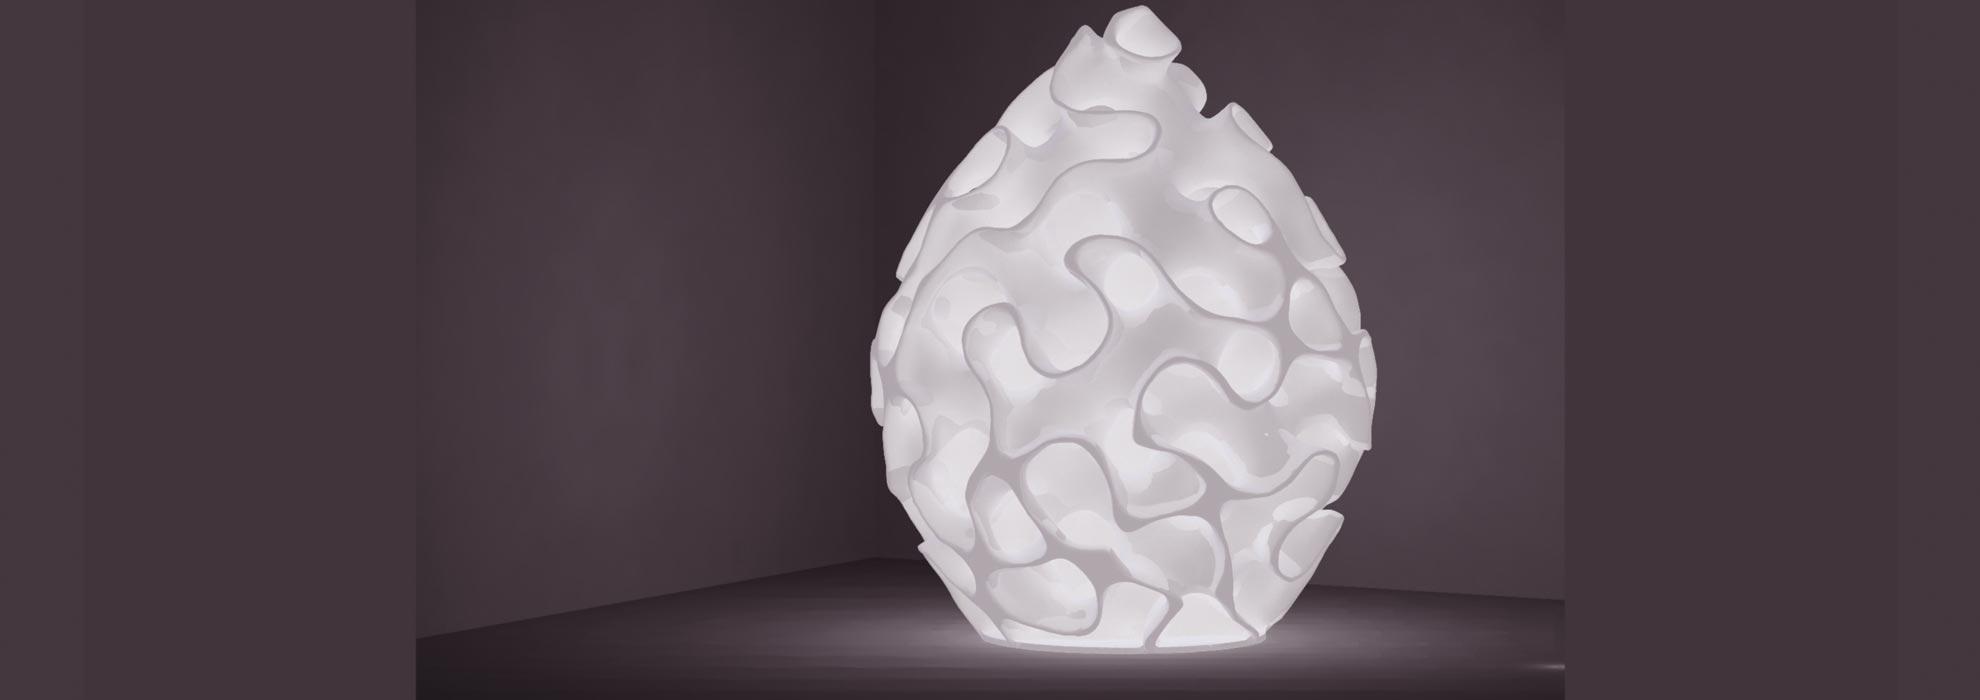 Оригинальная лампа напечатанная на 3Д принтере